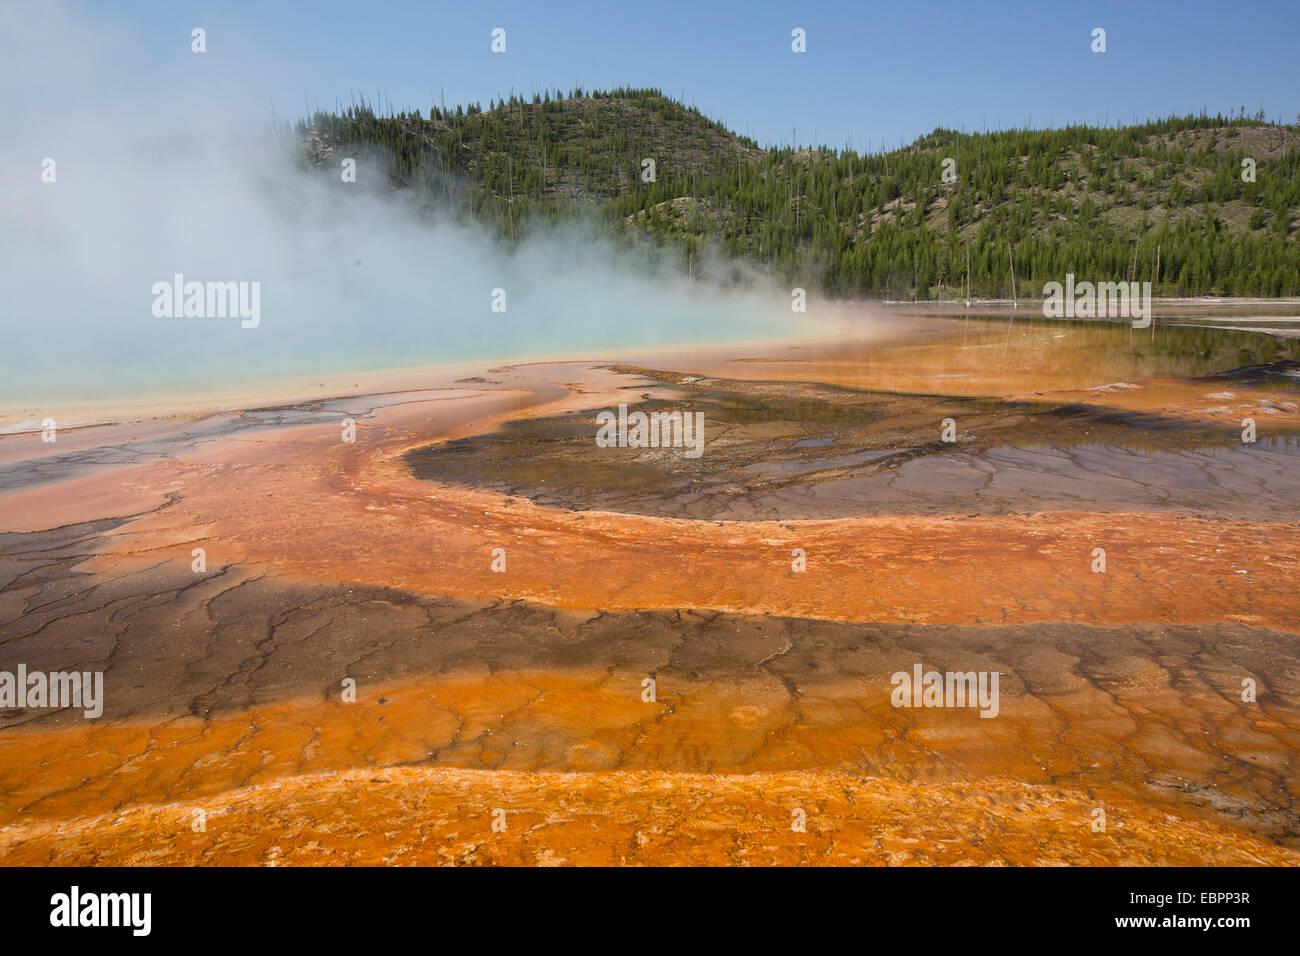 Piscina naranja el escurrimiento de bacterias y algas, Grand Prismatic Piscina, Midway Geyser Basin, el Parque Nacional Yellowstone, Wyoming, EE.UU. Foto de stock